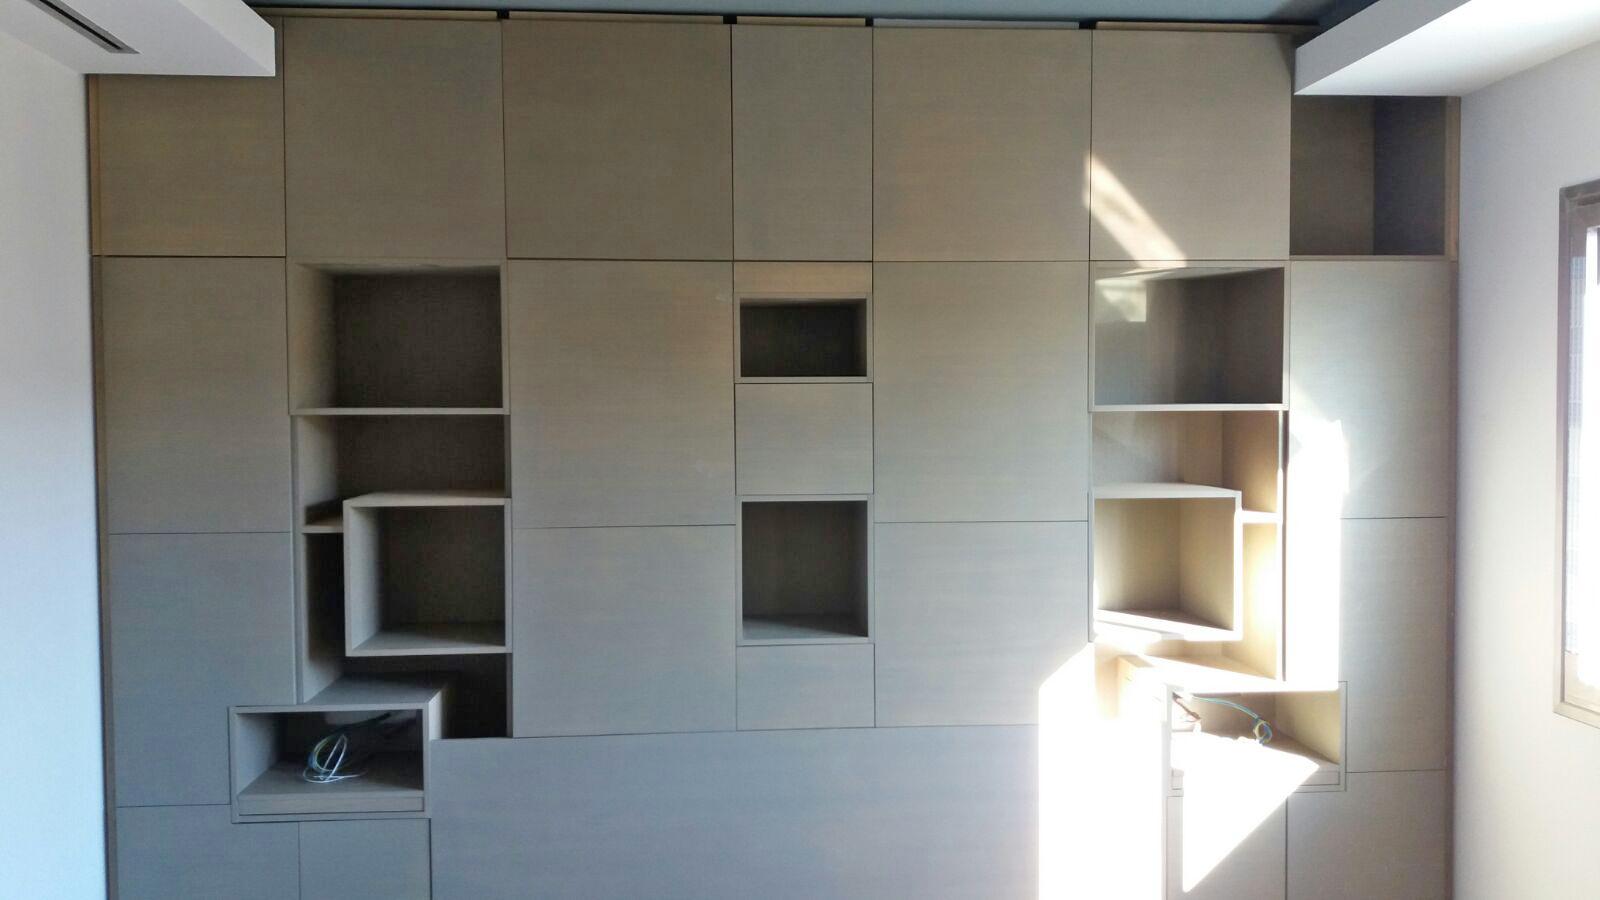 mueble cabecero cama muebles percam archivos - APIMAD - Muebles ...